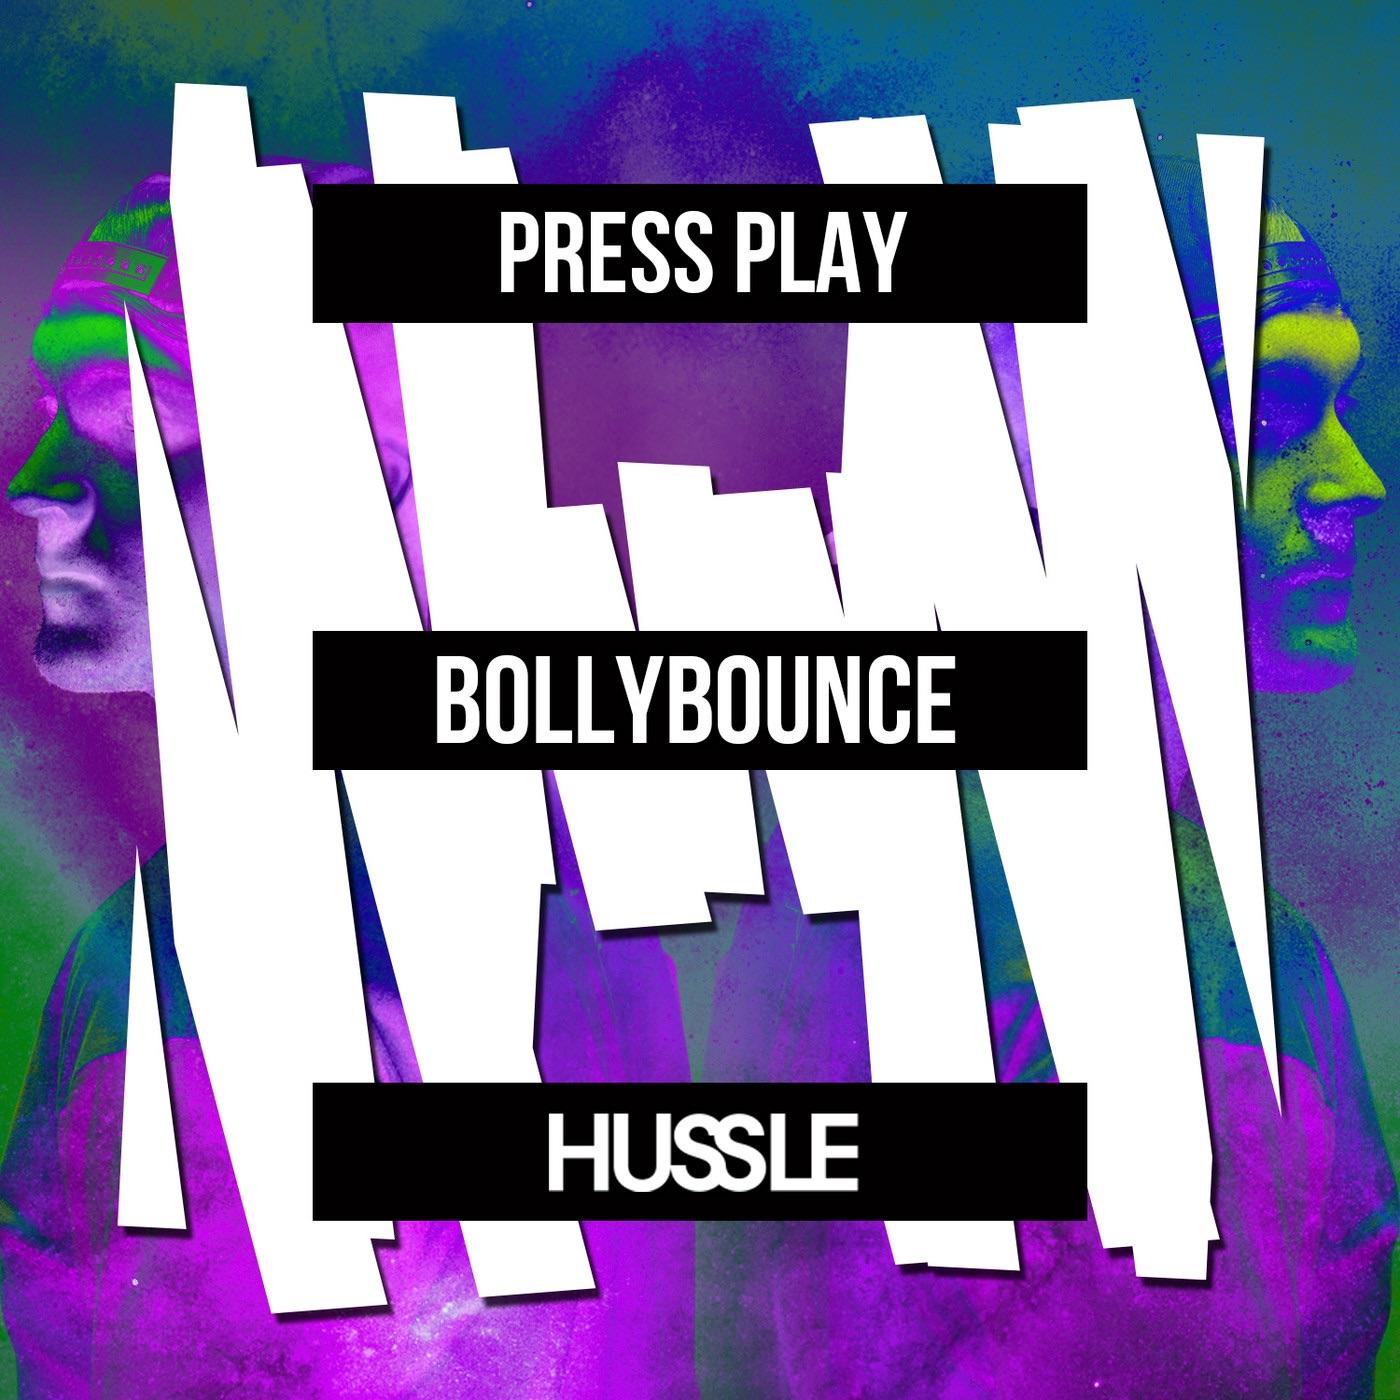 Bollybounce - Single